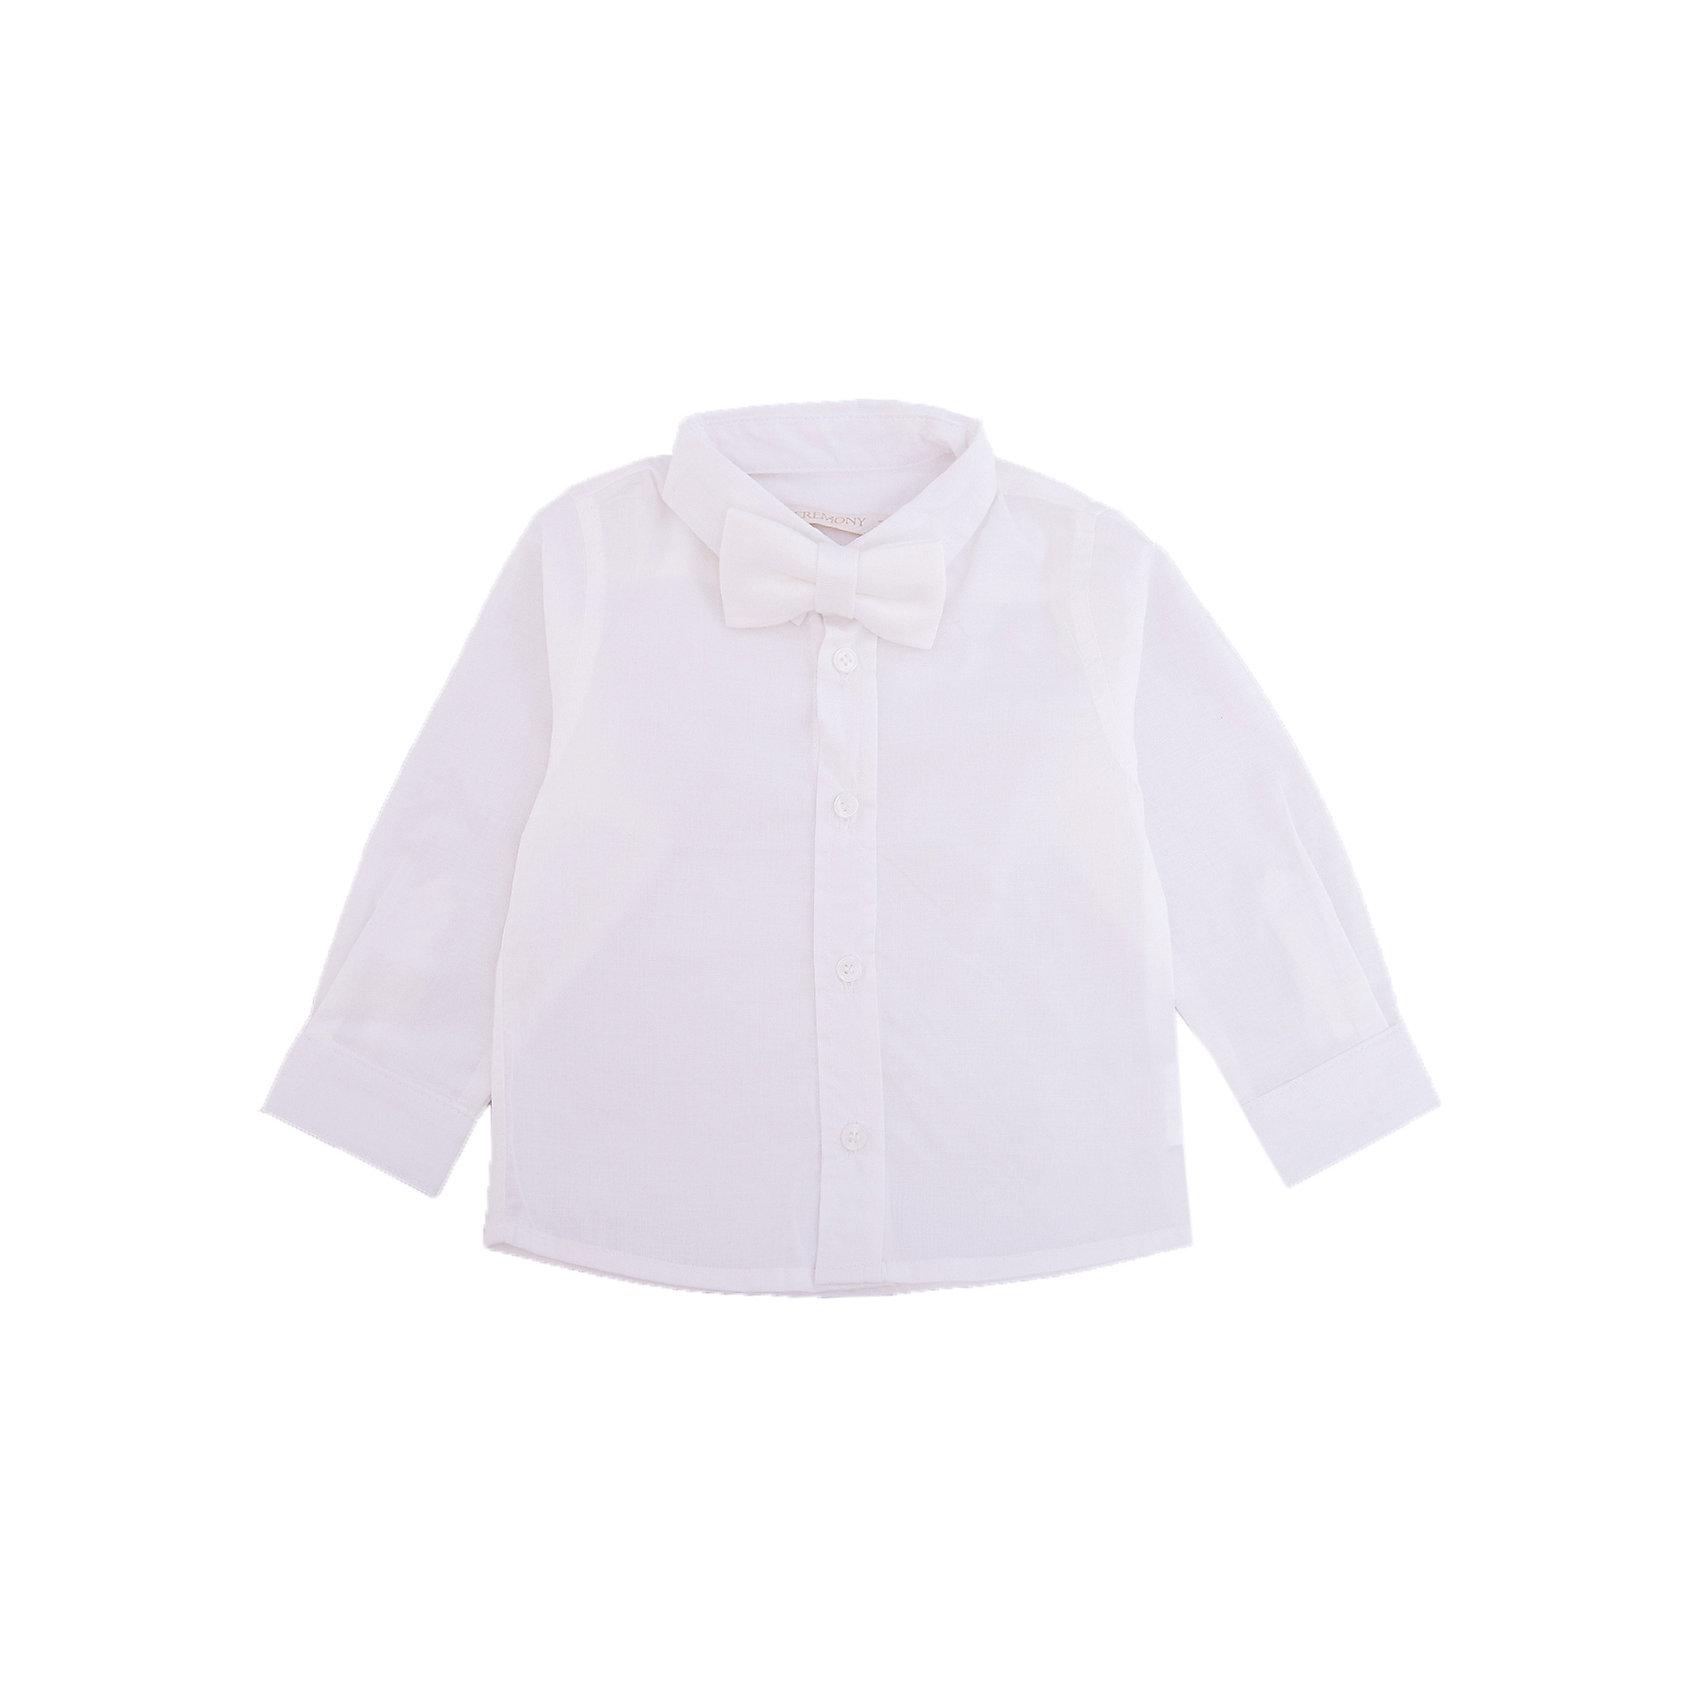 Рубашка для мальчика WojcikОдежда<br>Характеристики товара:<br><br>• цвет: белый<br>• состав ткани: хлопок 100%<br>• особенности: школьная, нарядная<br>• отложной воротник<br>• застежка: пуговицы<br>• длинные рукава<br>• сезон: круглый год<br>• страна бренда: Польша<br>• страна изготовитель: Польша<br><br>Эта модель одежды для школы сделана из качественного материала с преобладанием хлопка в составе. Белая рубашка для мальчика Войчик подойдет для также для торжественных случаев.<br><br>Классическая рубашка для мальчика Wojcik - удобная и модная школьная одежда. Польская продукция для детей от бренда Войчик - это качественные и стильные вещи.<br><br>Рубашку для мальчика Wojcik (Войчик) можно купить в нашем интернет-магазине.<br><br>Ширина мм: 174<br>Глубина мм: 10<br>Высота мм: 169<br>Вес г: 157<br>Цвет: кремовый<br>Возраст от месяцев: 6<br>Возраст до месяцев: 9<br>Пол: Мужской<br>Возраст: Детский<br>Размер: 74,62,68<br>SKU: 5588192